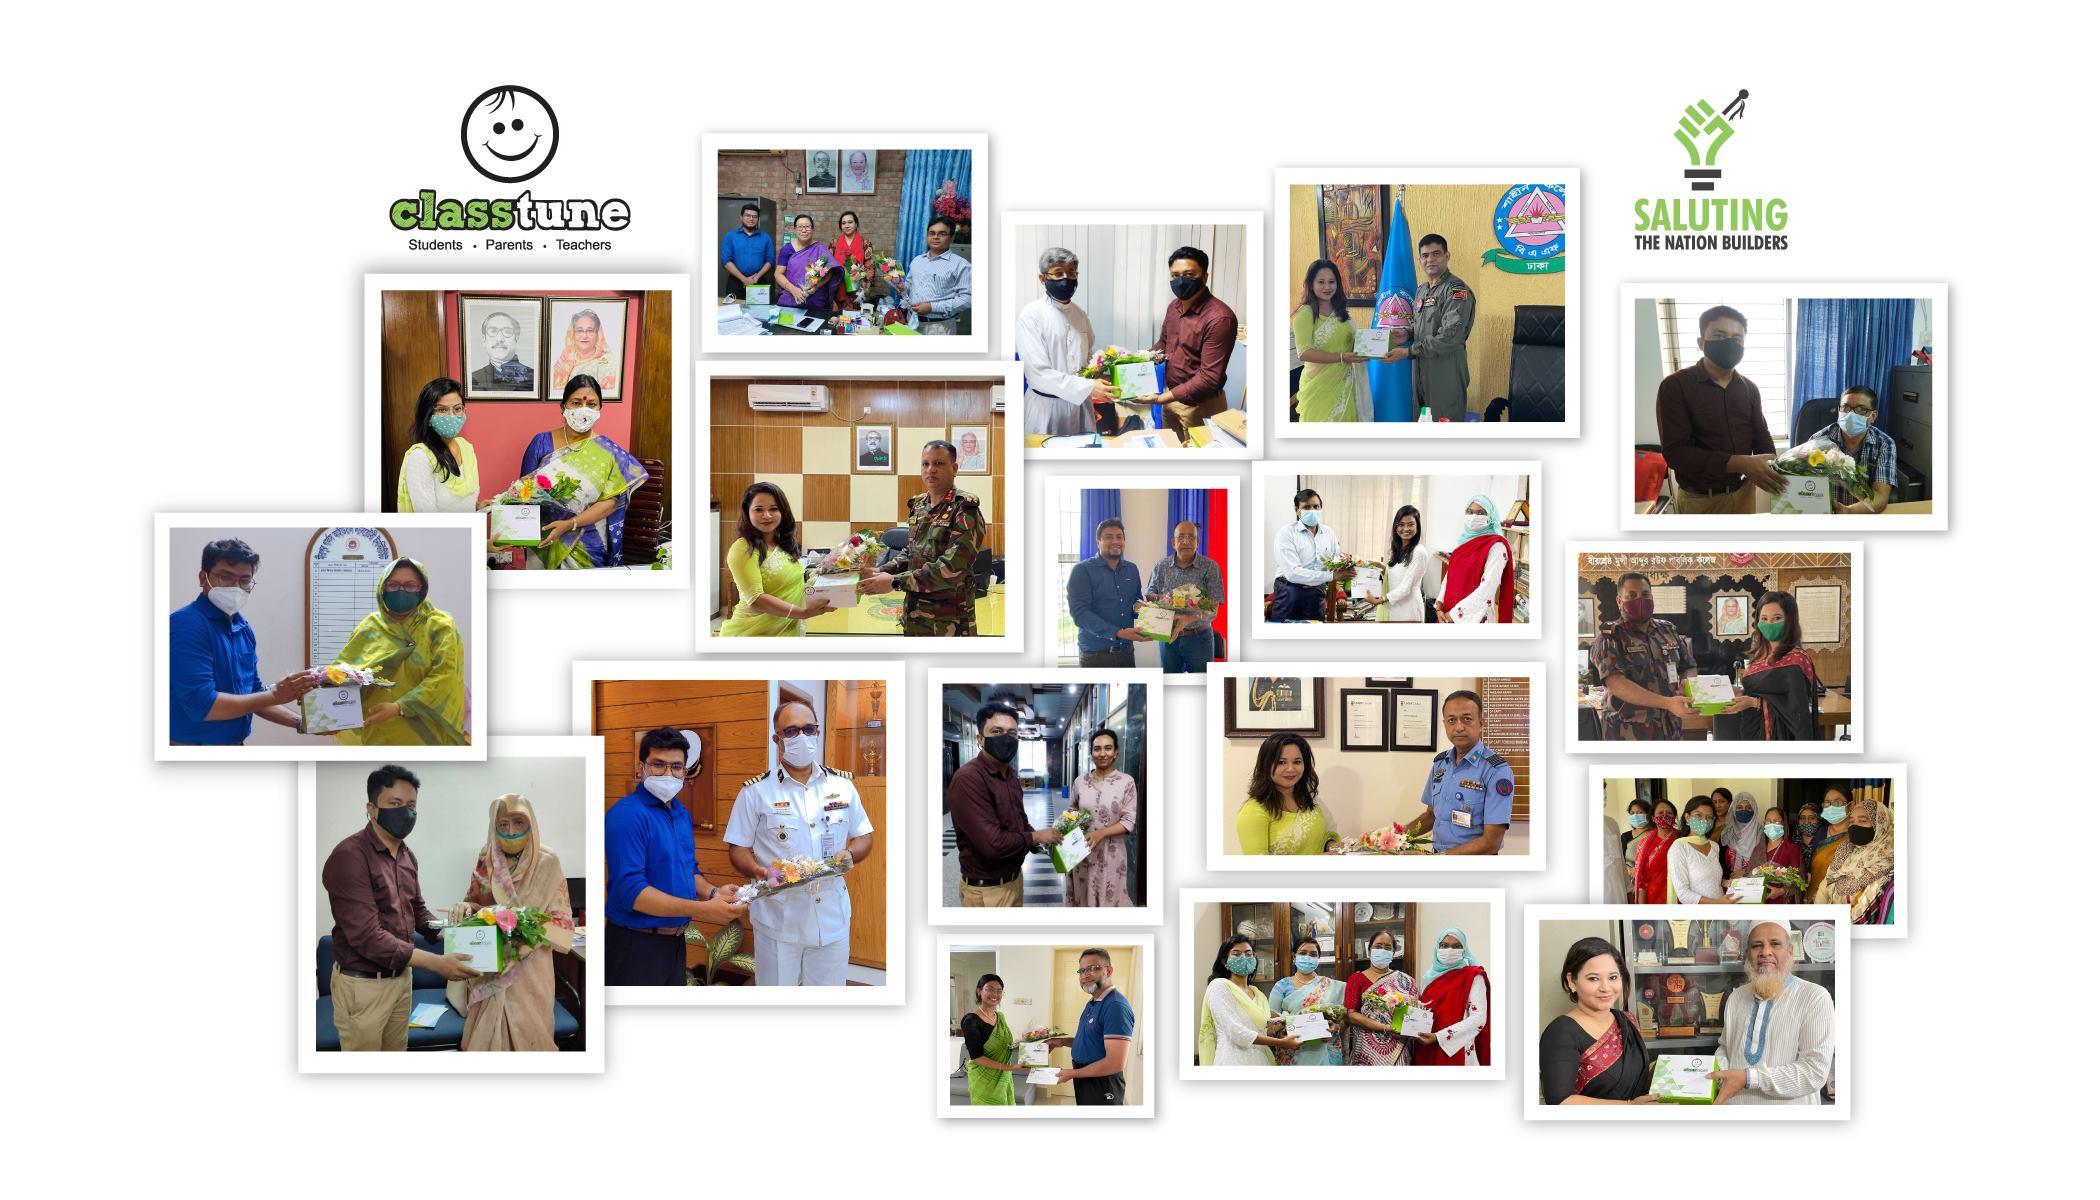 বিশ্ব শিক্ষক দিবস উদযাপন করছে ক্লাসটিউন